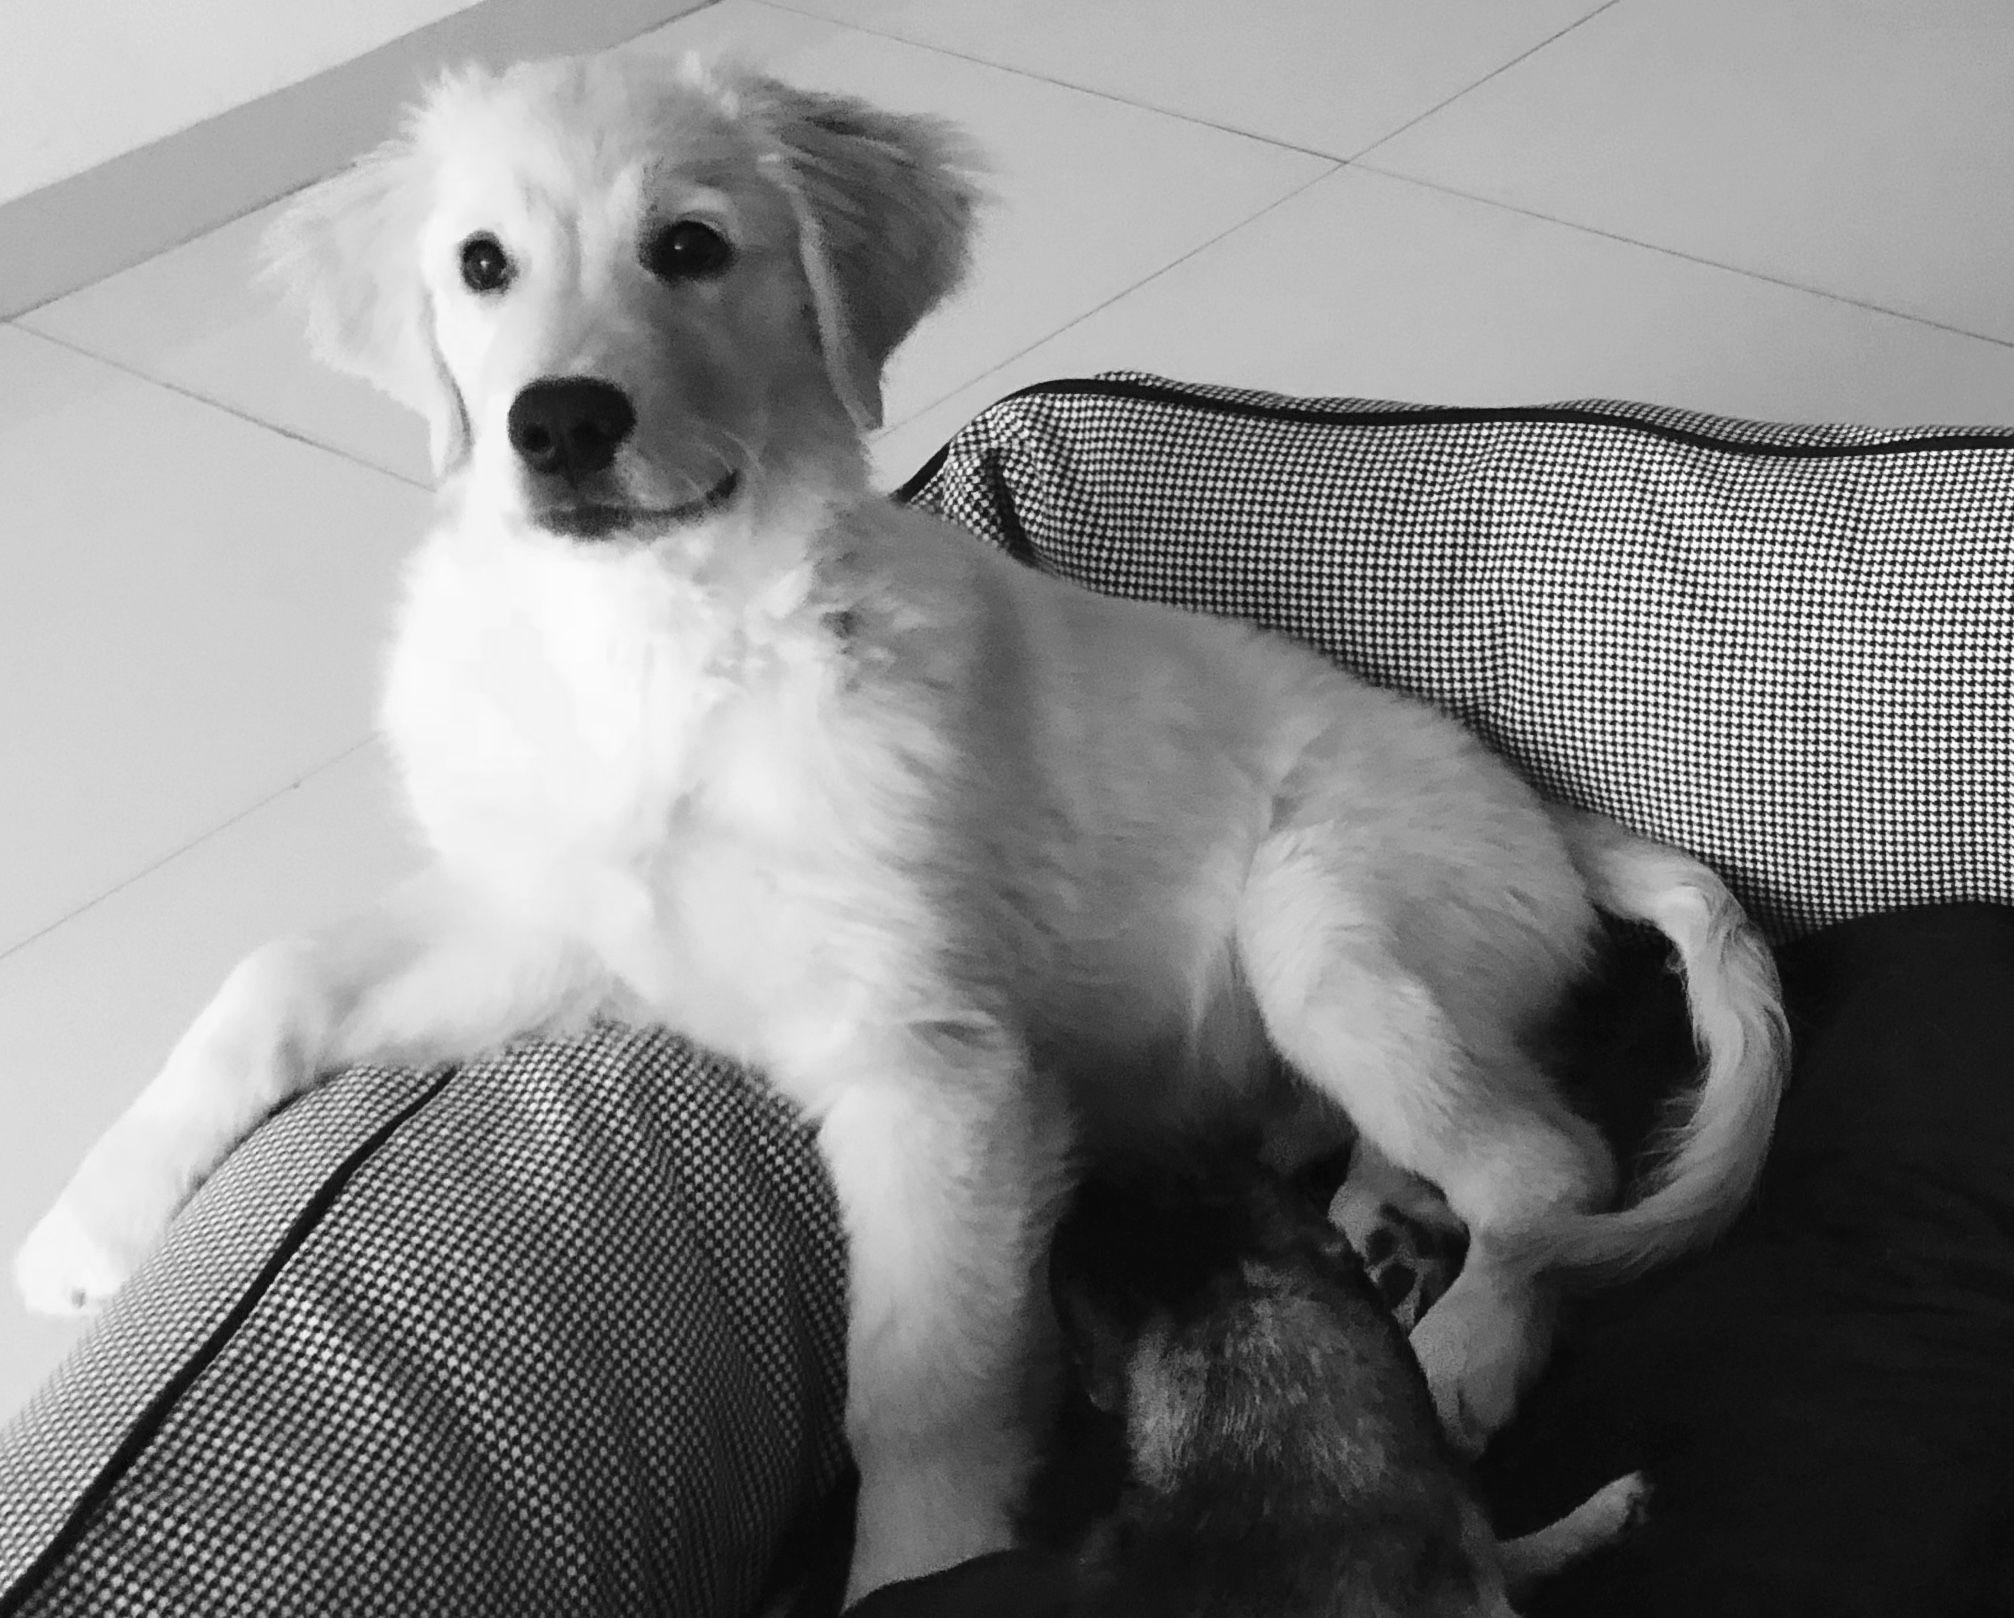 Samba Is An Adoptable Golden Retriever Dog In Greenville Sc